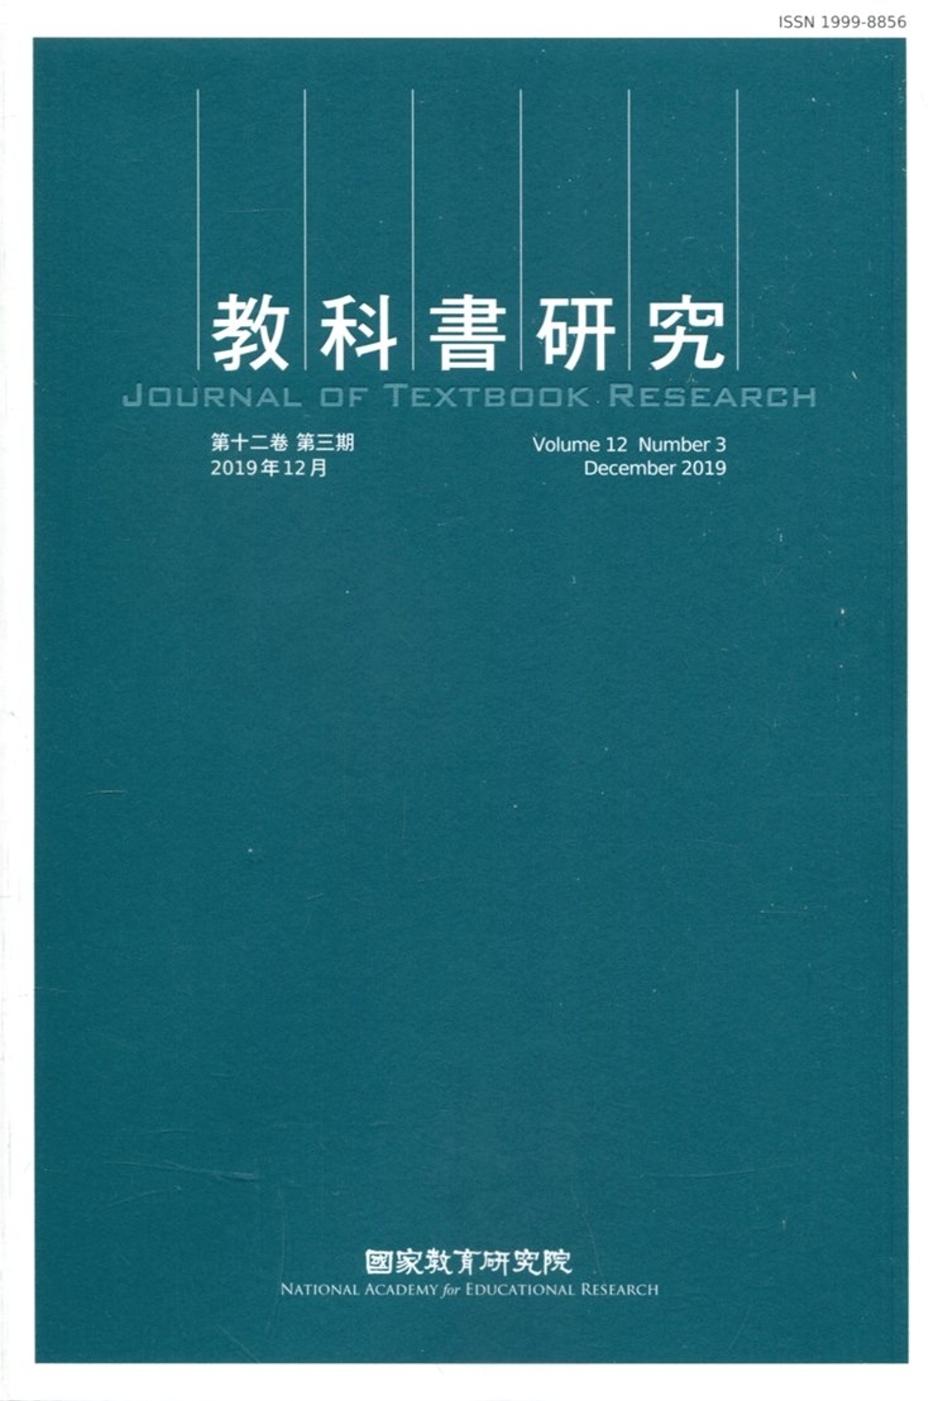 教科書研究第12卷3期(2019/12)